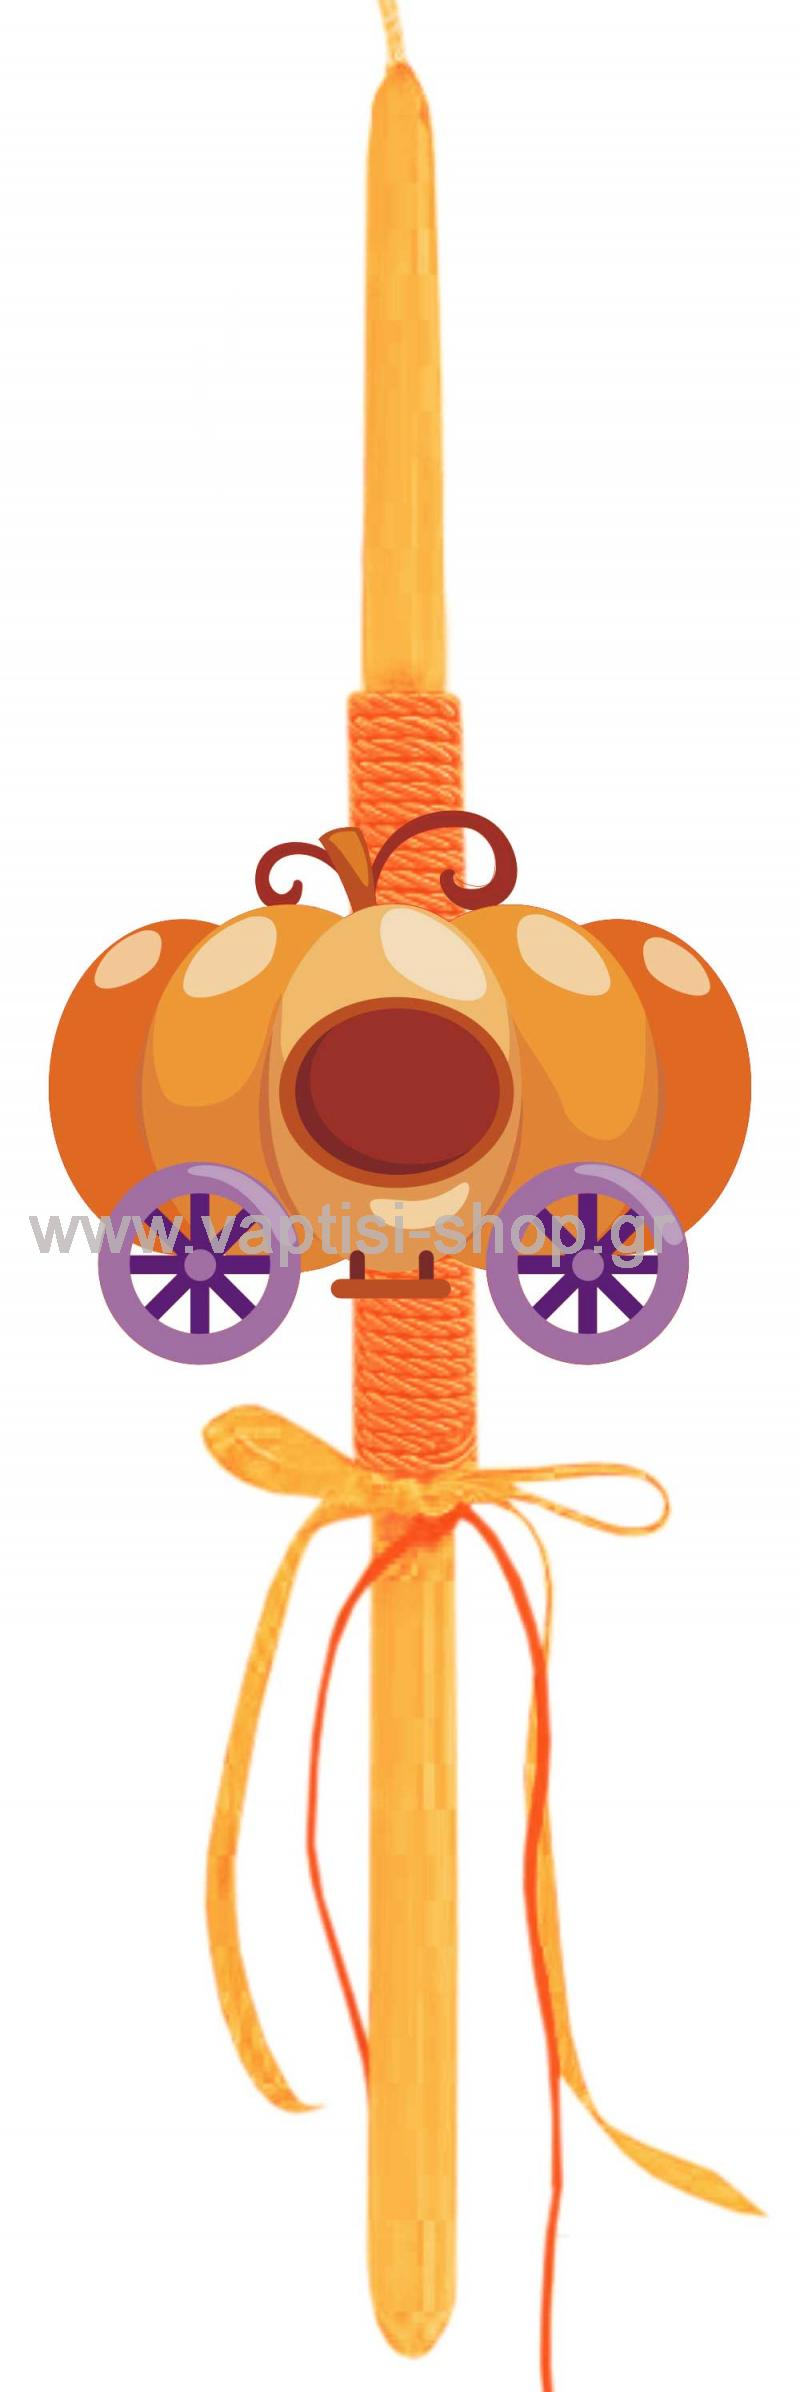 Πασχαλινή Λαμπάδα Αμαξα